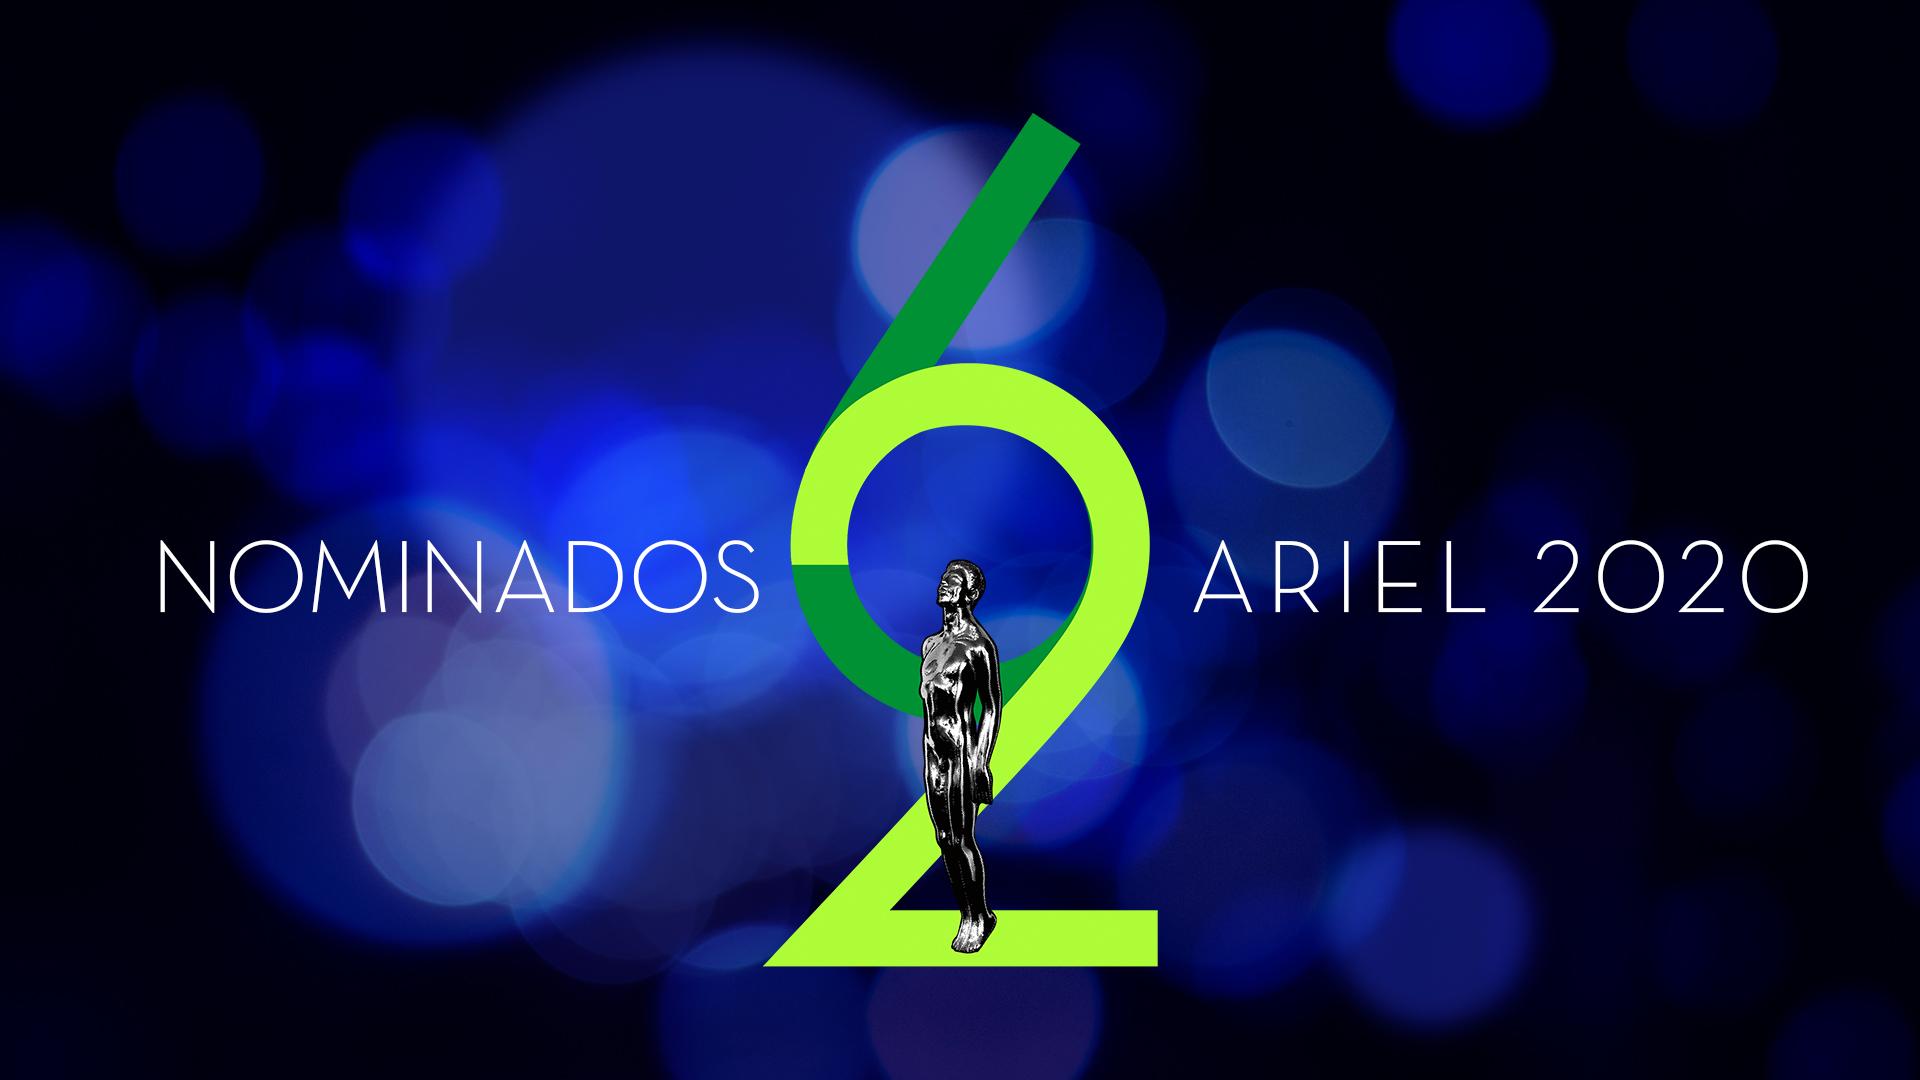 NOMINADOS ARIEL 2020